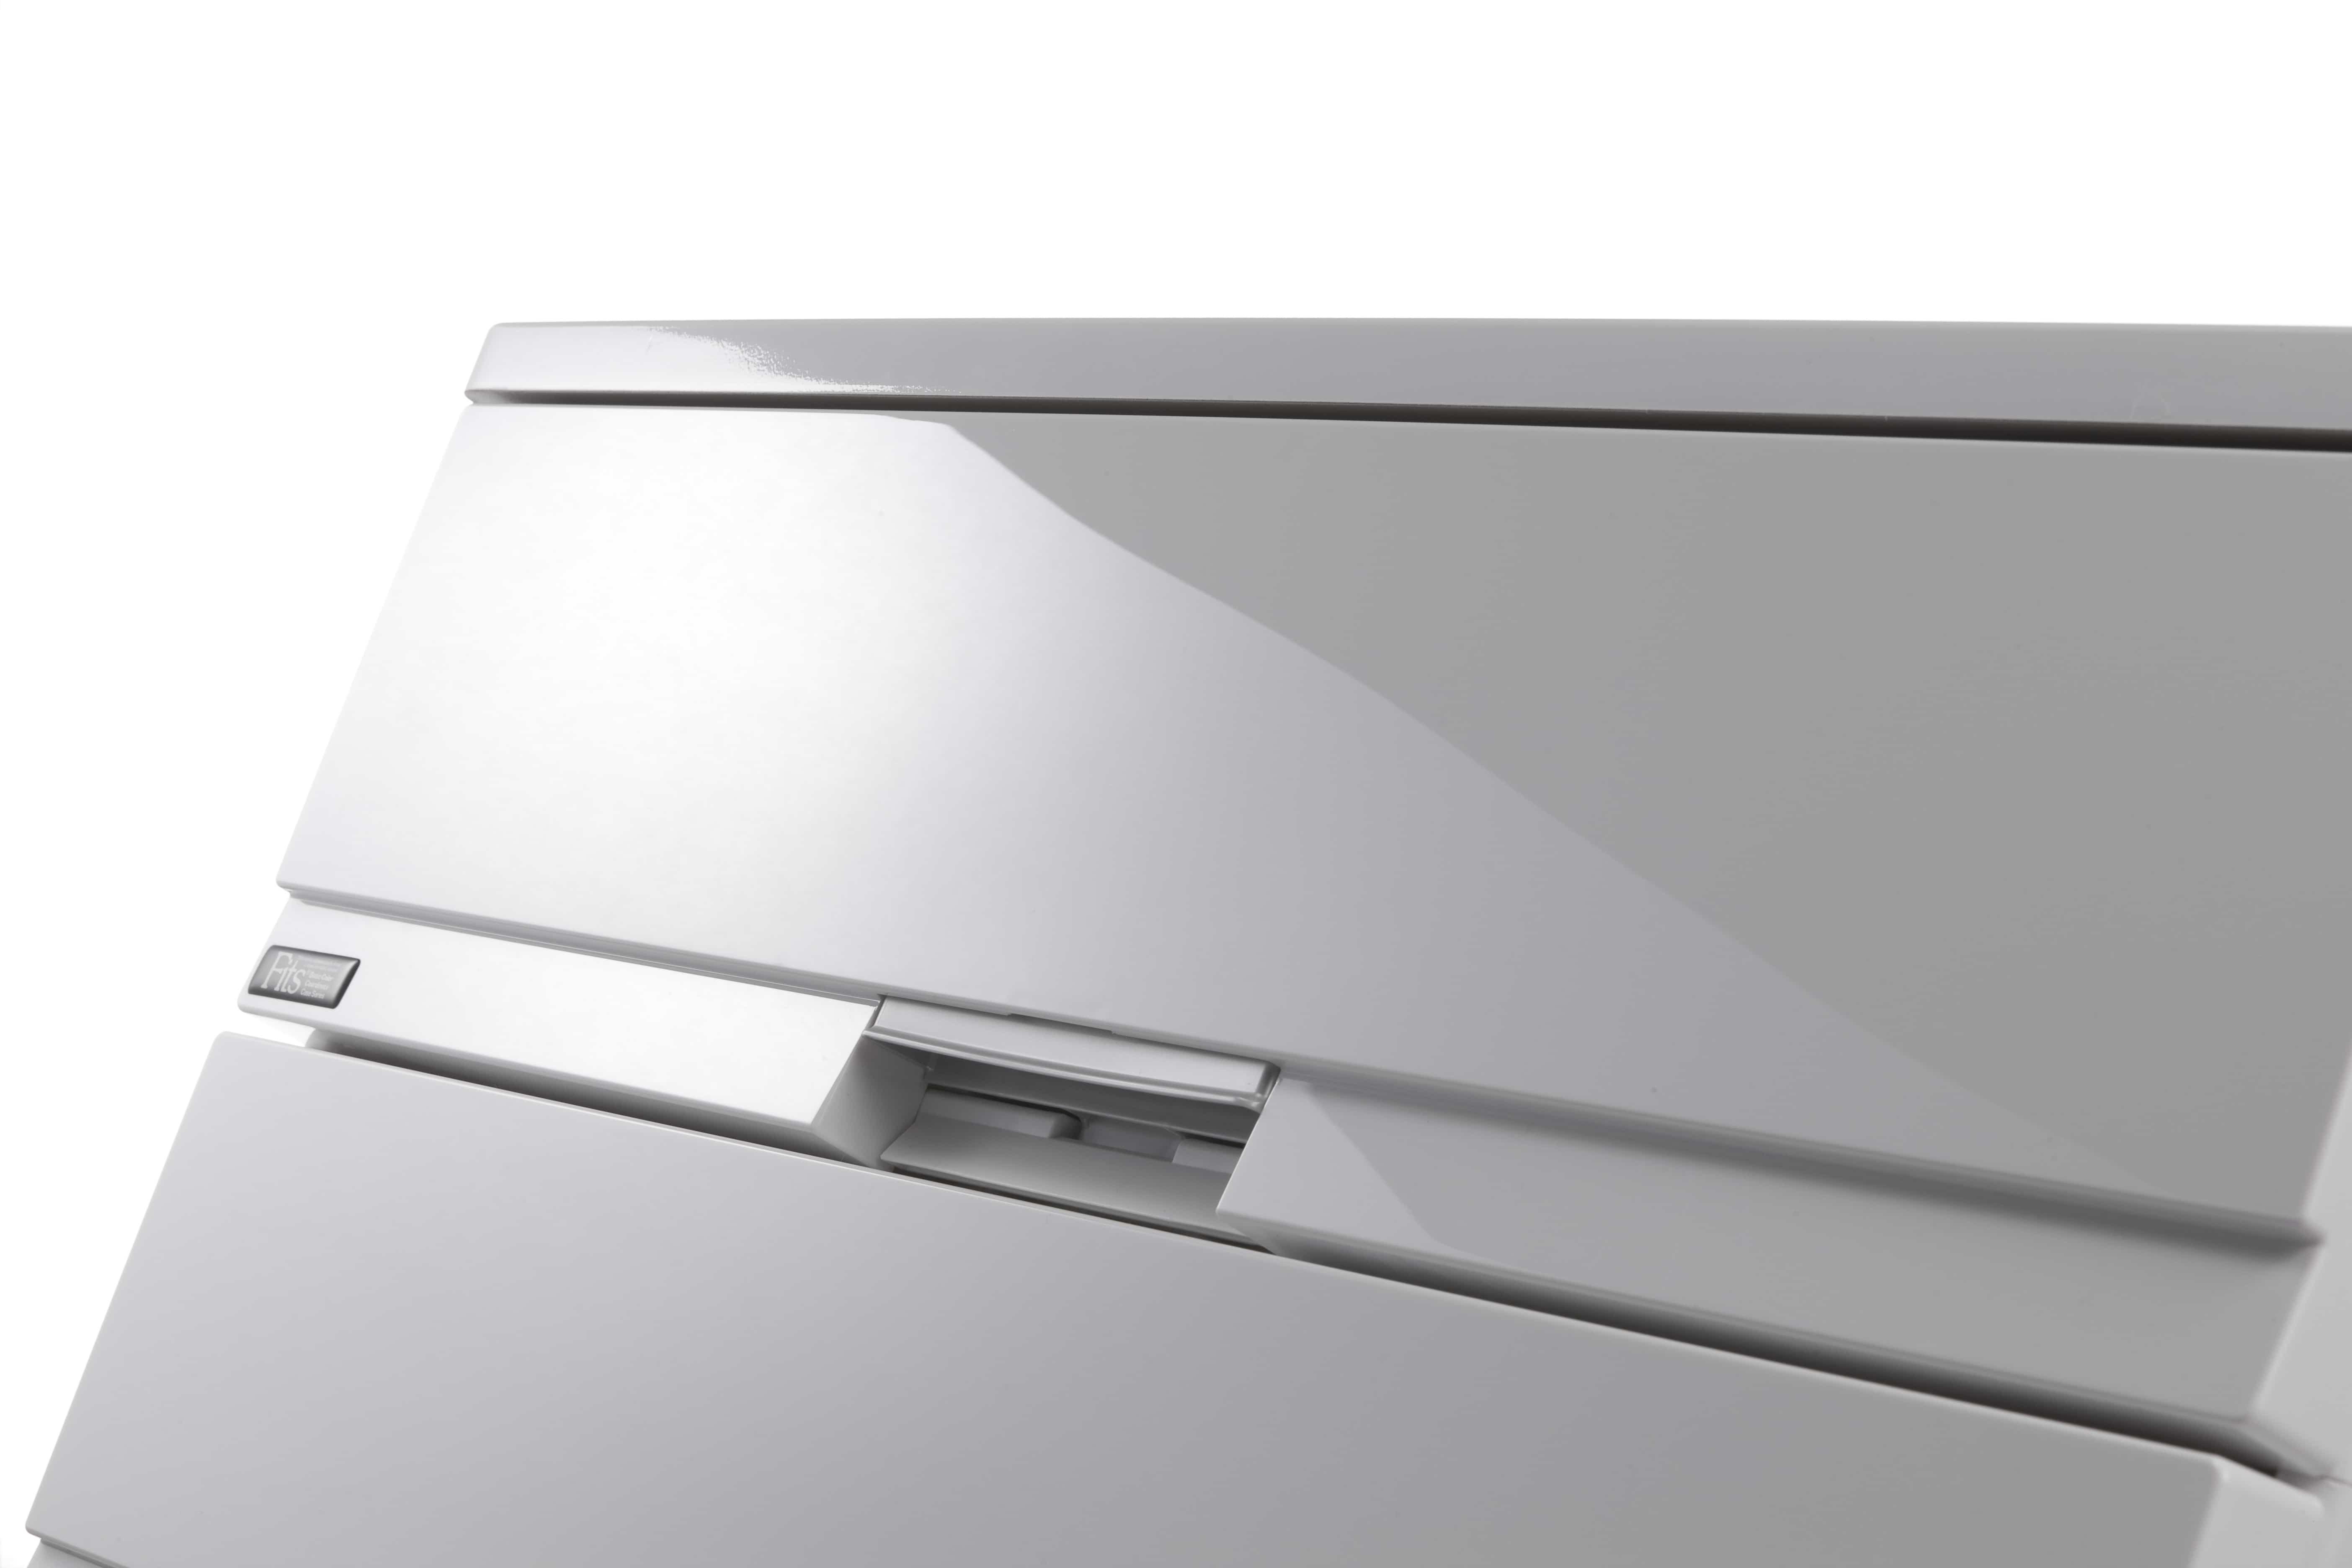 フィッツプラス プレミアム FP6507 W